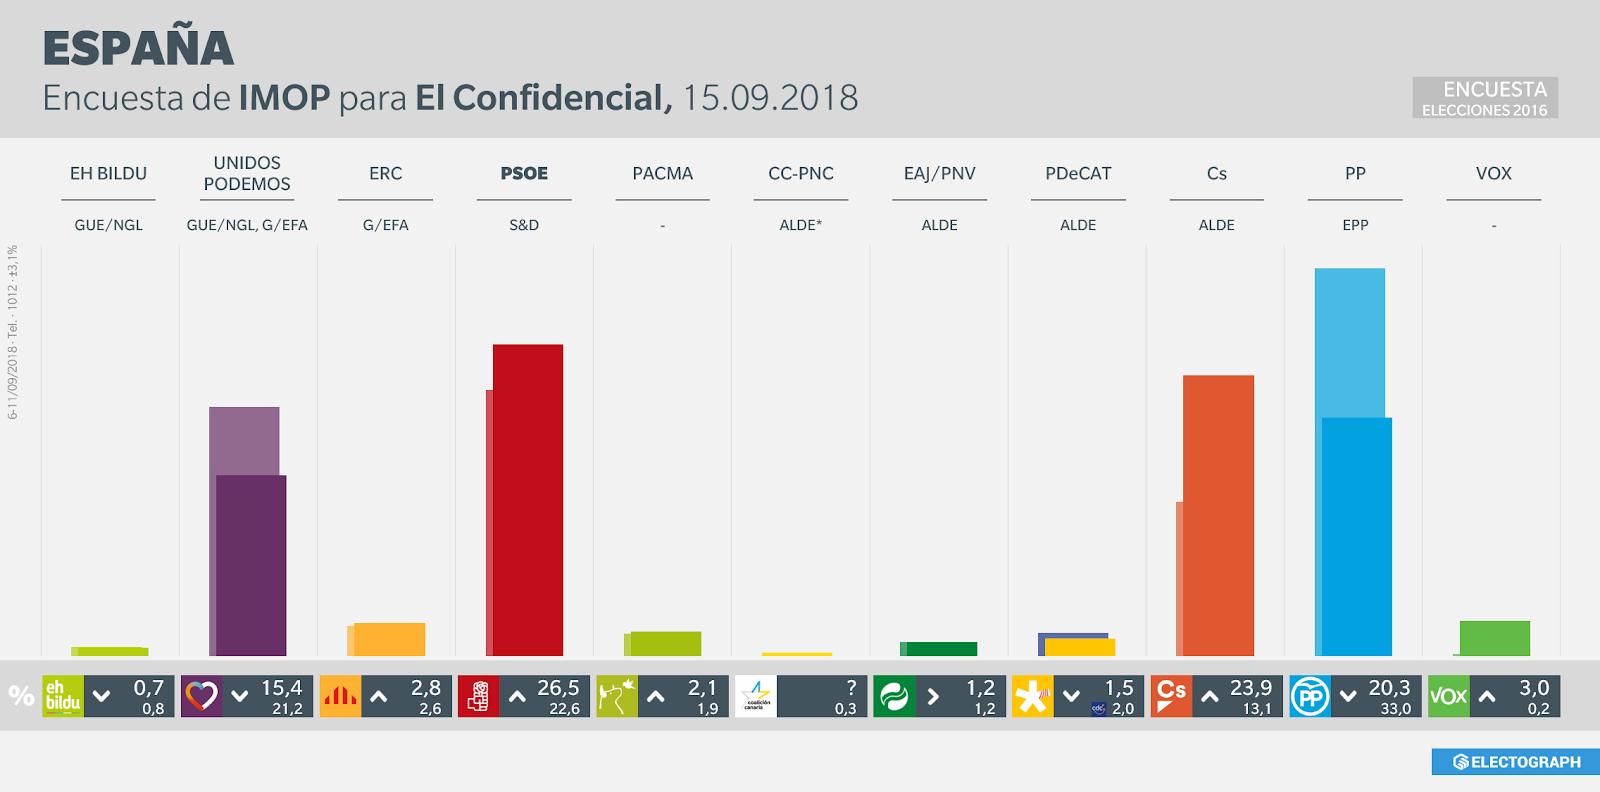 Gráfico de la encuesta para elecciones generales en España realizada por IMOP Insights para El Confidencial en septiembre de 2018